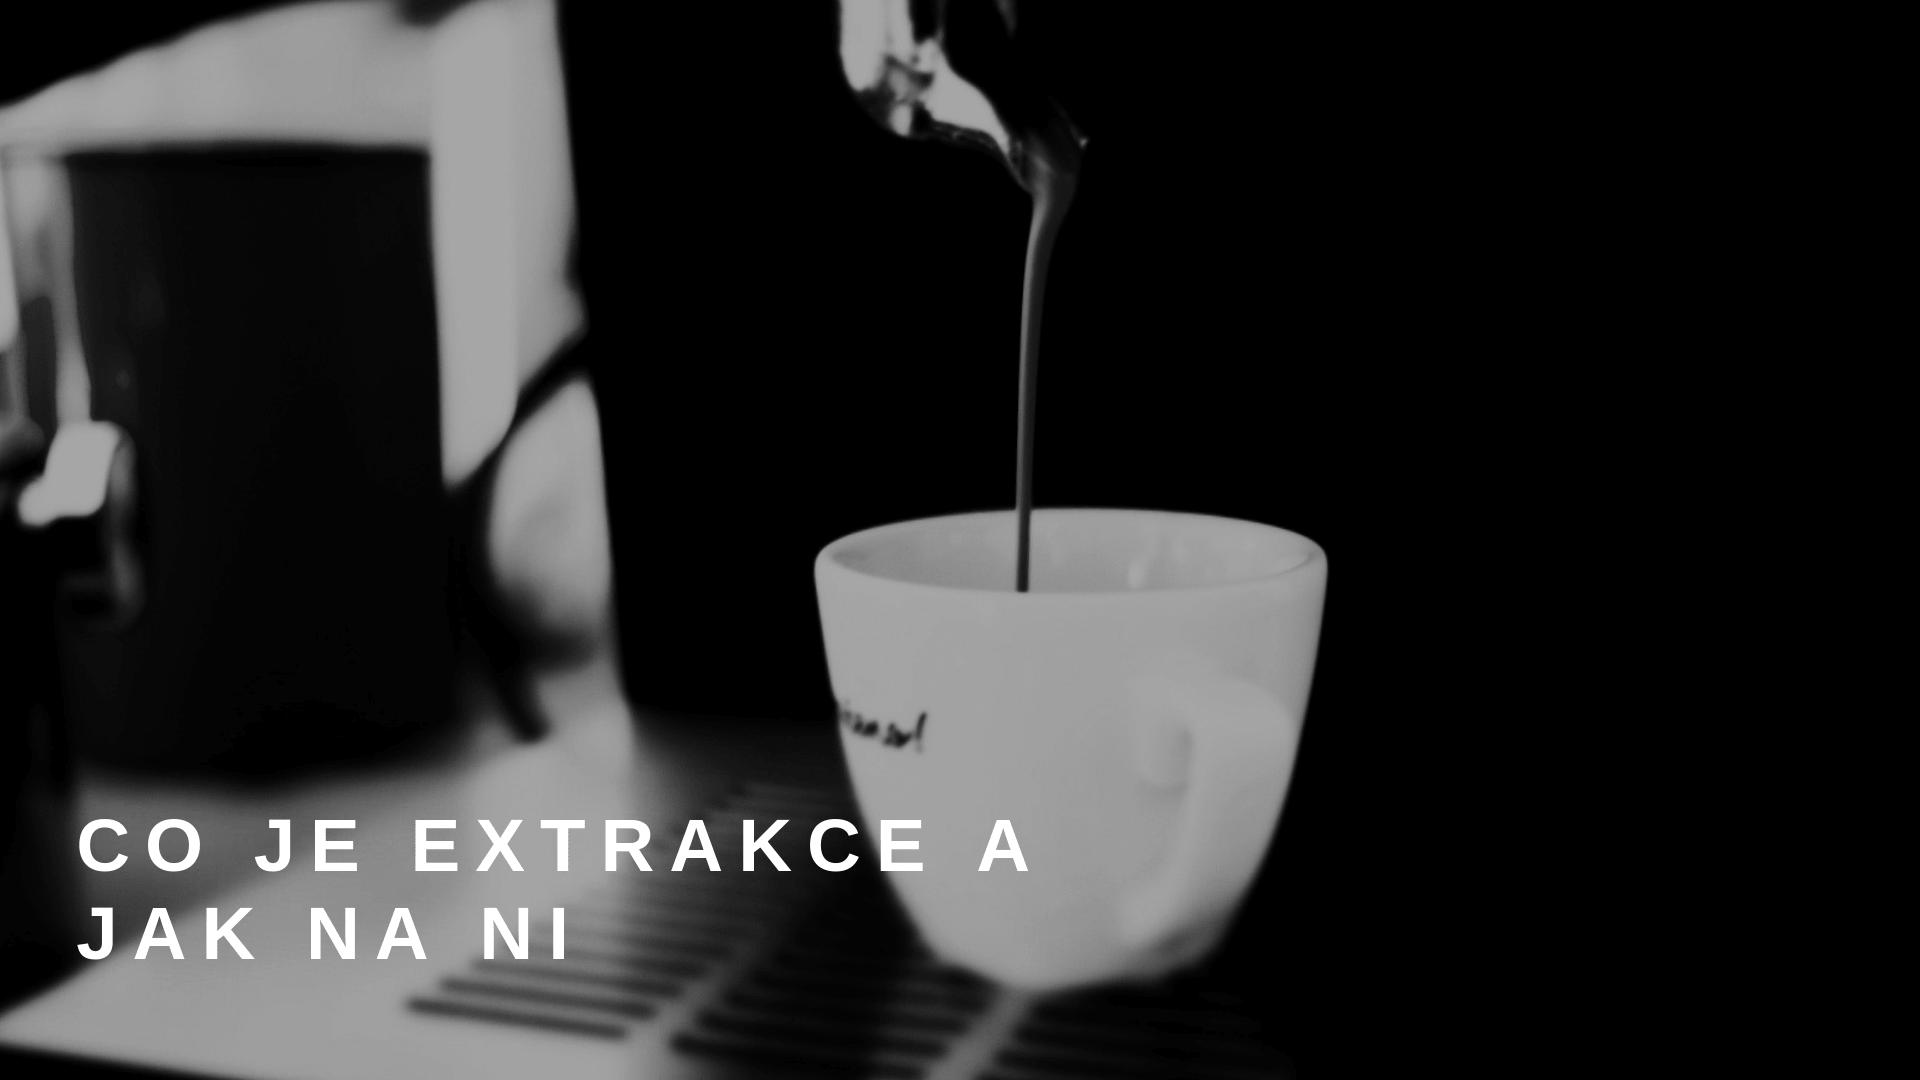 Víte, co je extrakce? Jak na ni?